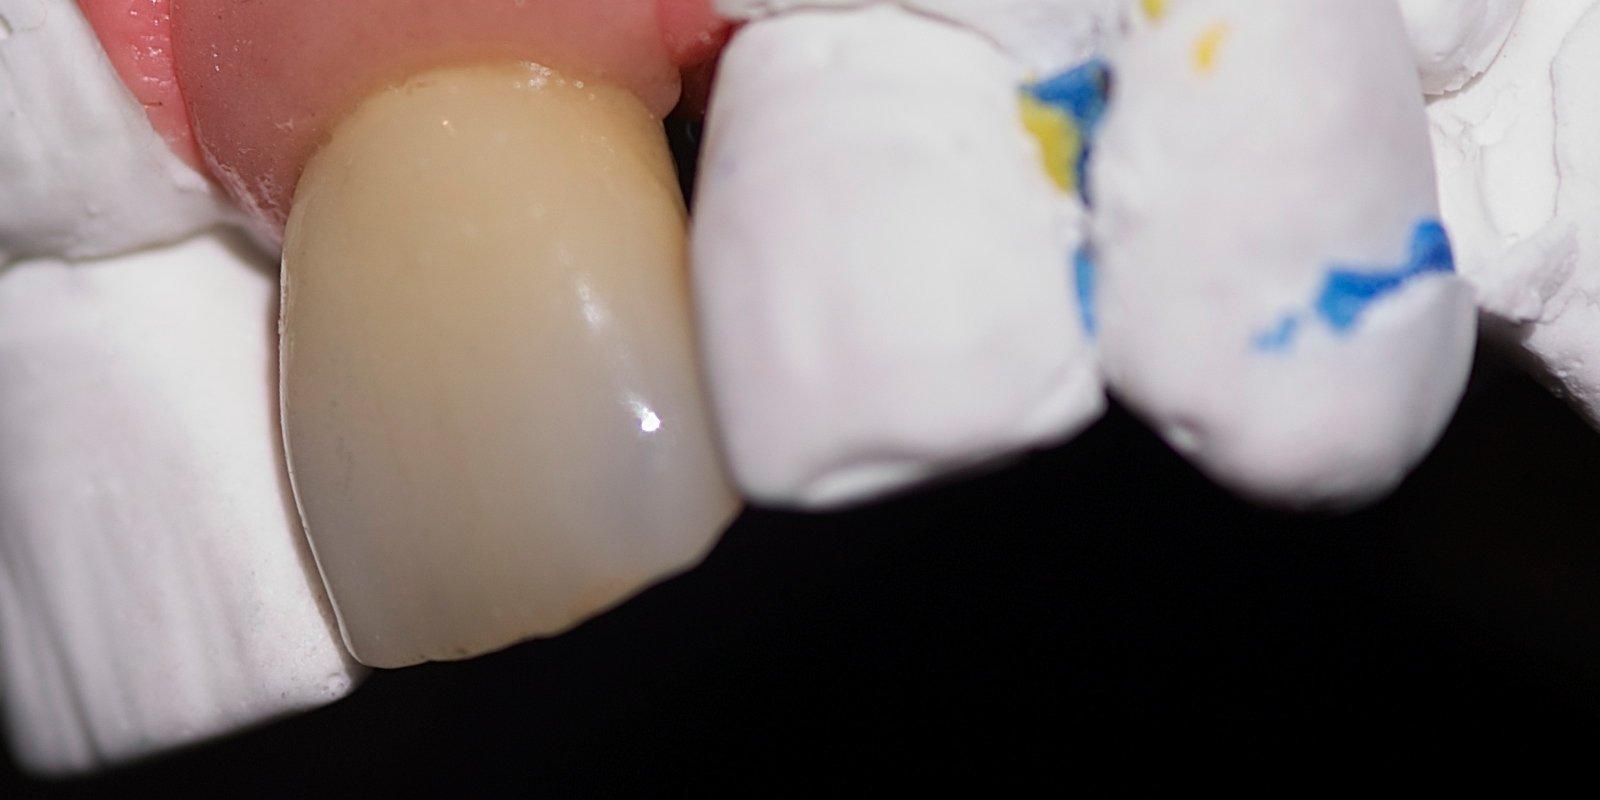 Tandkrone af bedste kvalitet - Fremstilet og håndlavet af en kompetent tandtekniker